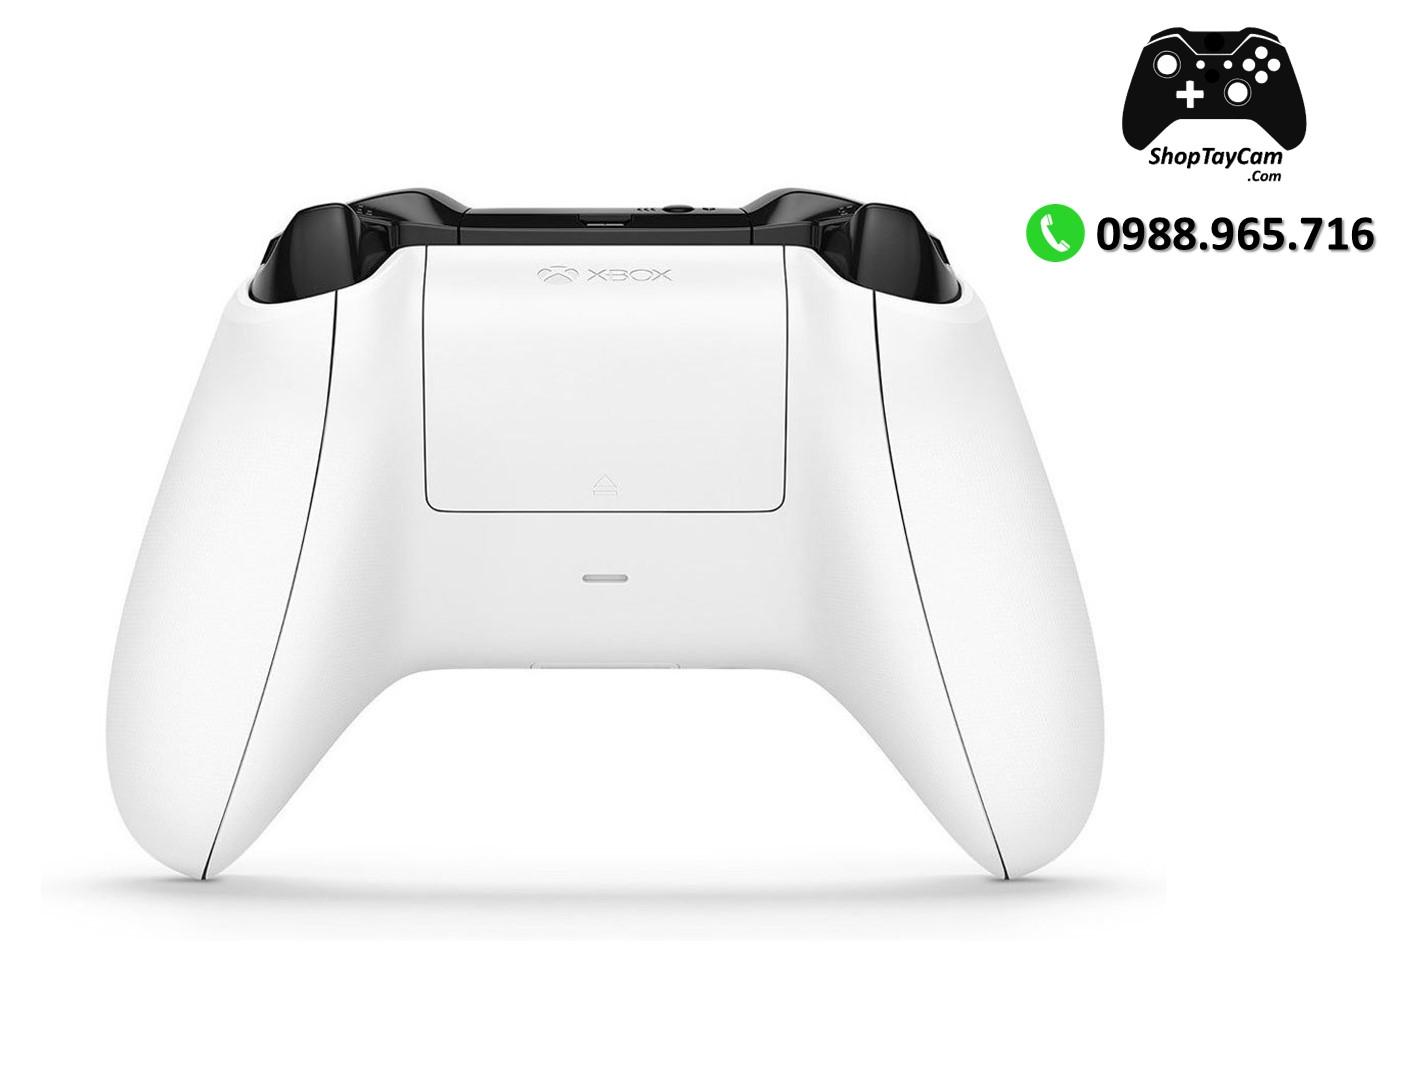 Tay Cầm Xbox One S Chính Hãng + Cáp Cable USB Chơi Game Tối Ưu Cho FO4 /  FIFA / PC   TOP BÁN CHẠY - FREESHIP